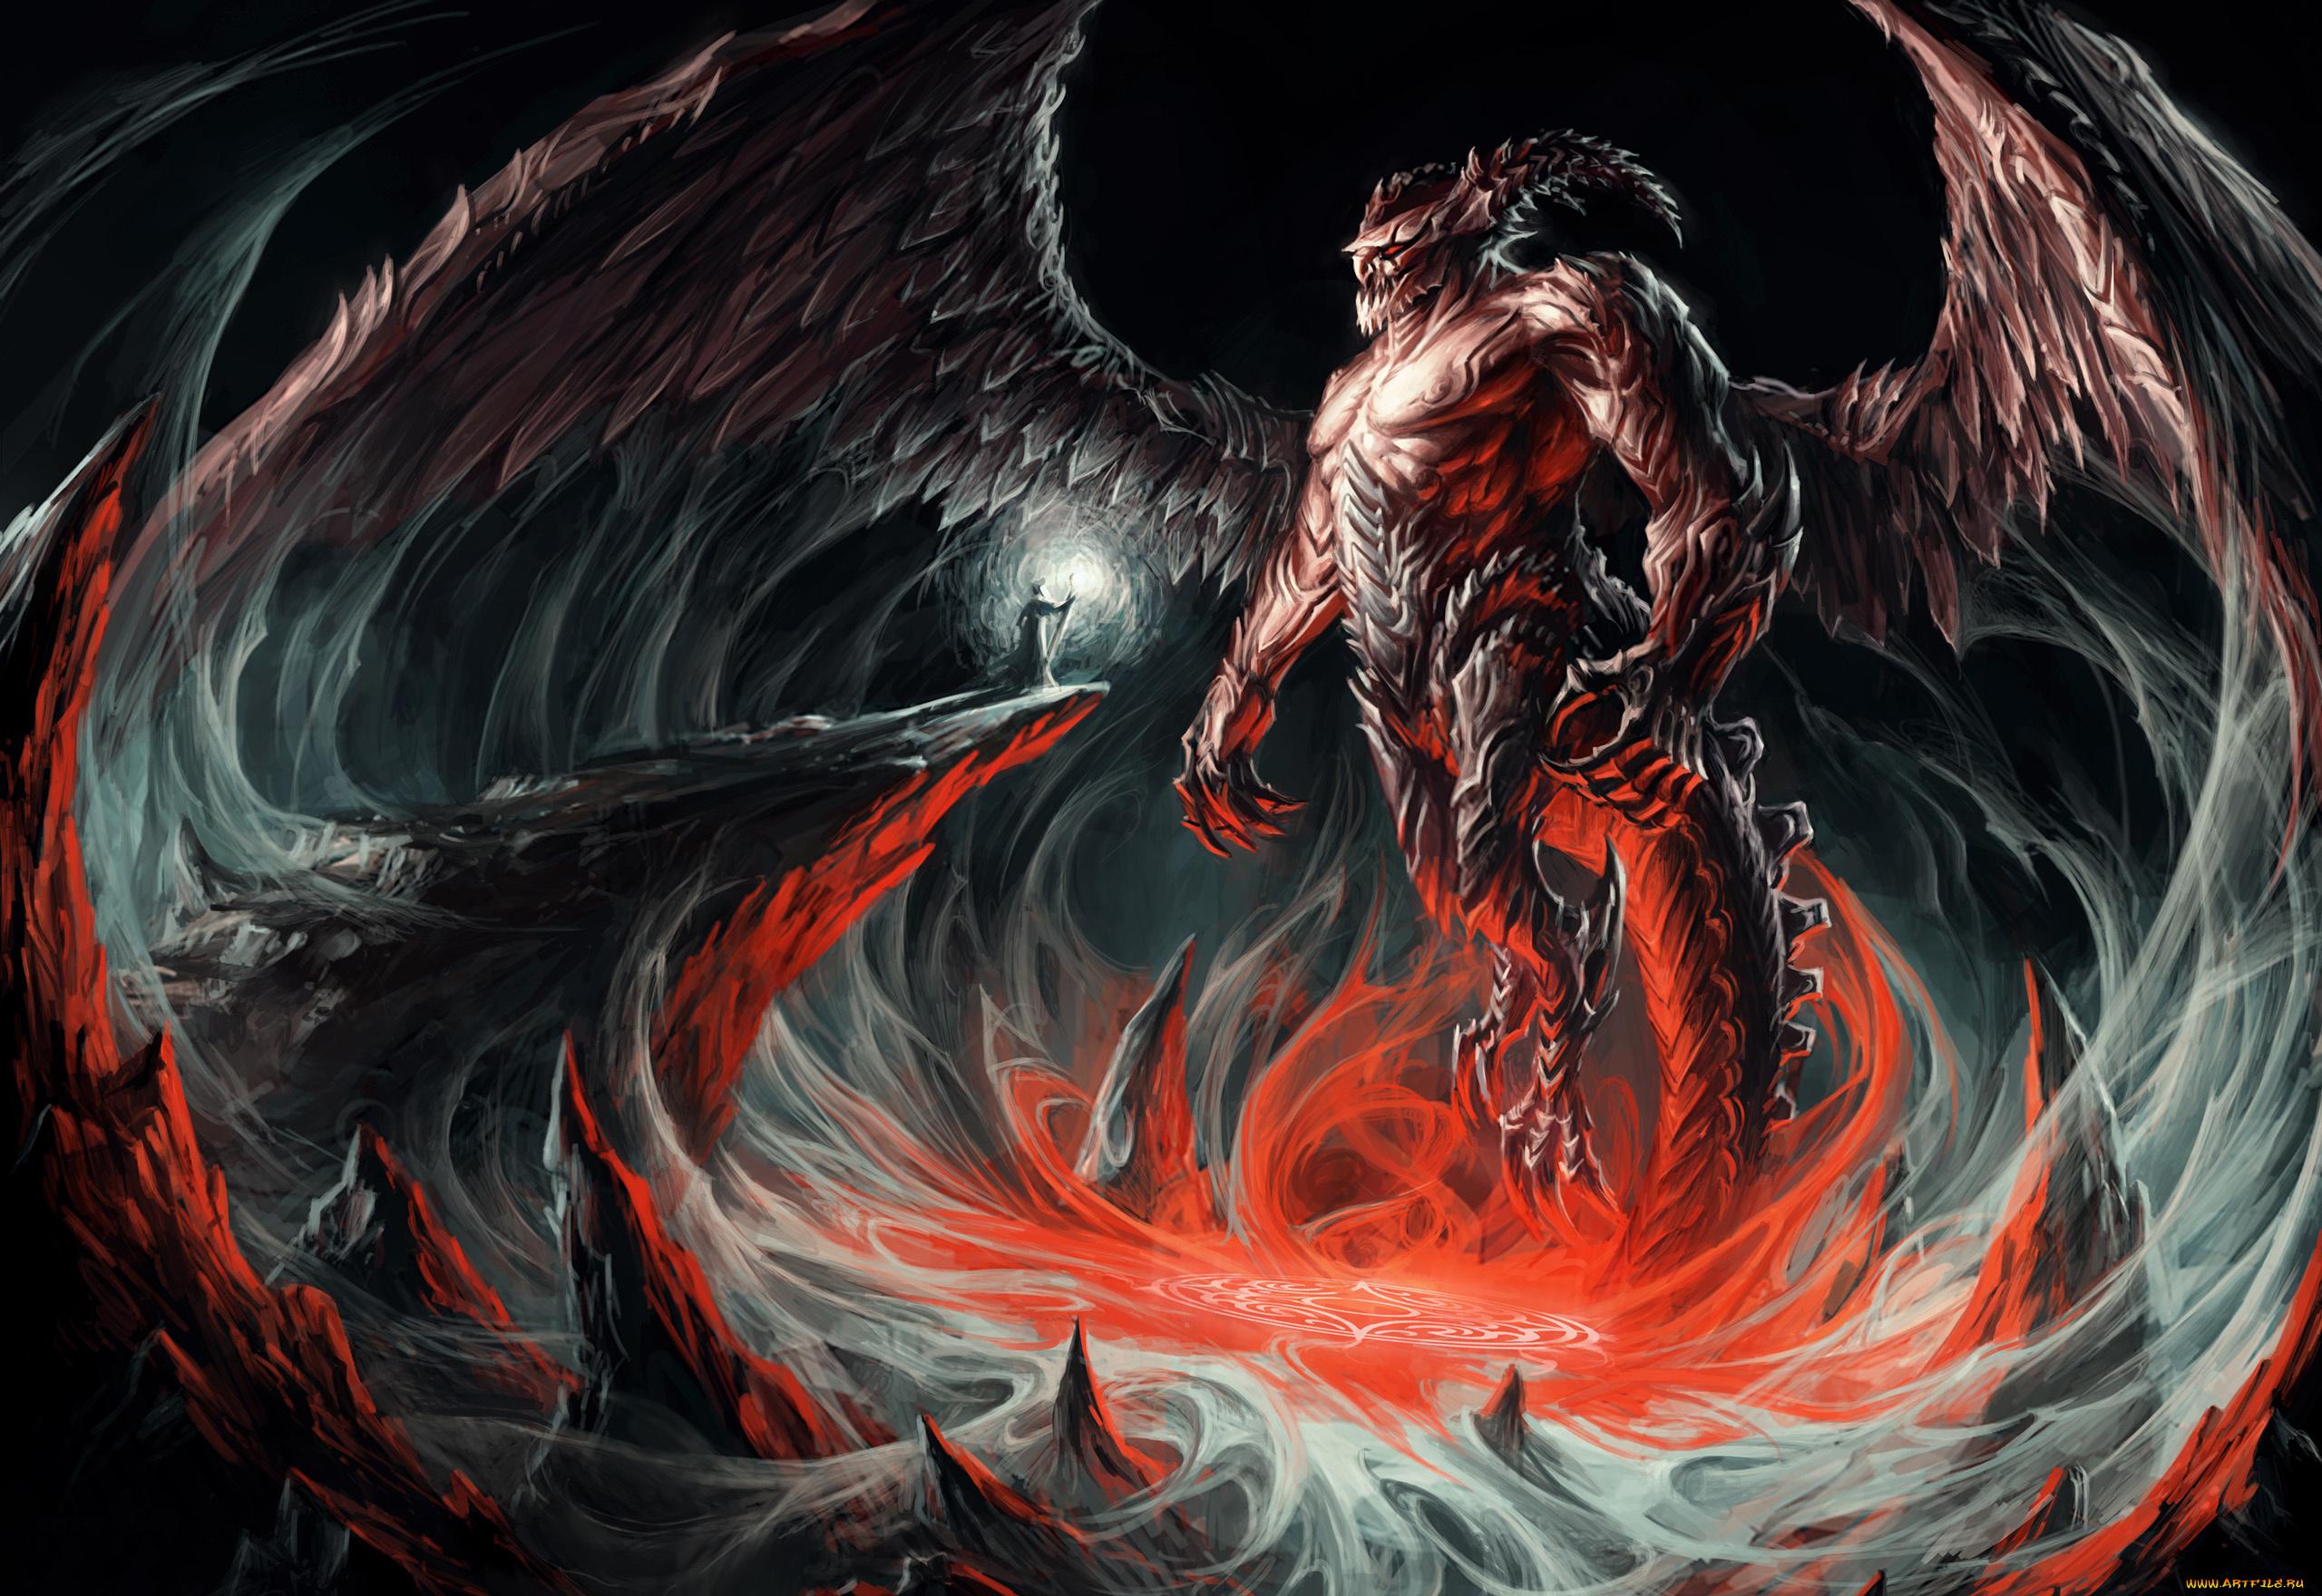 Открытку друзьям, крутые картинки про демонов